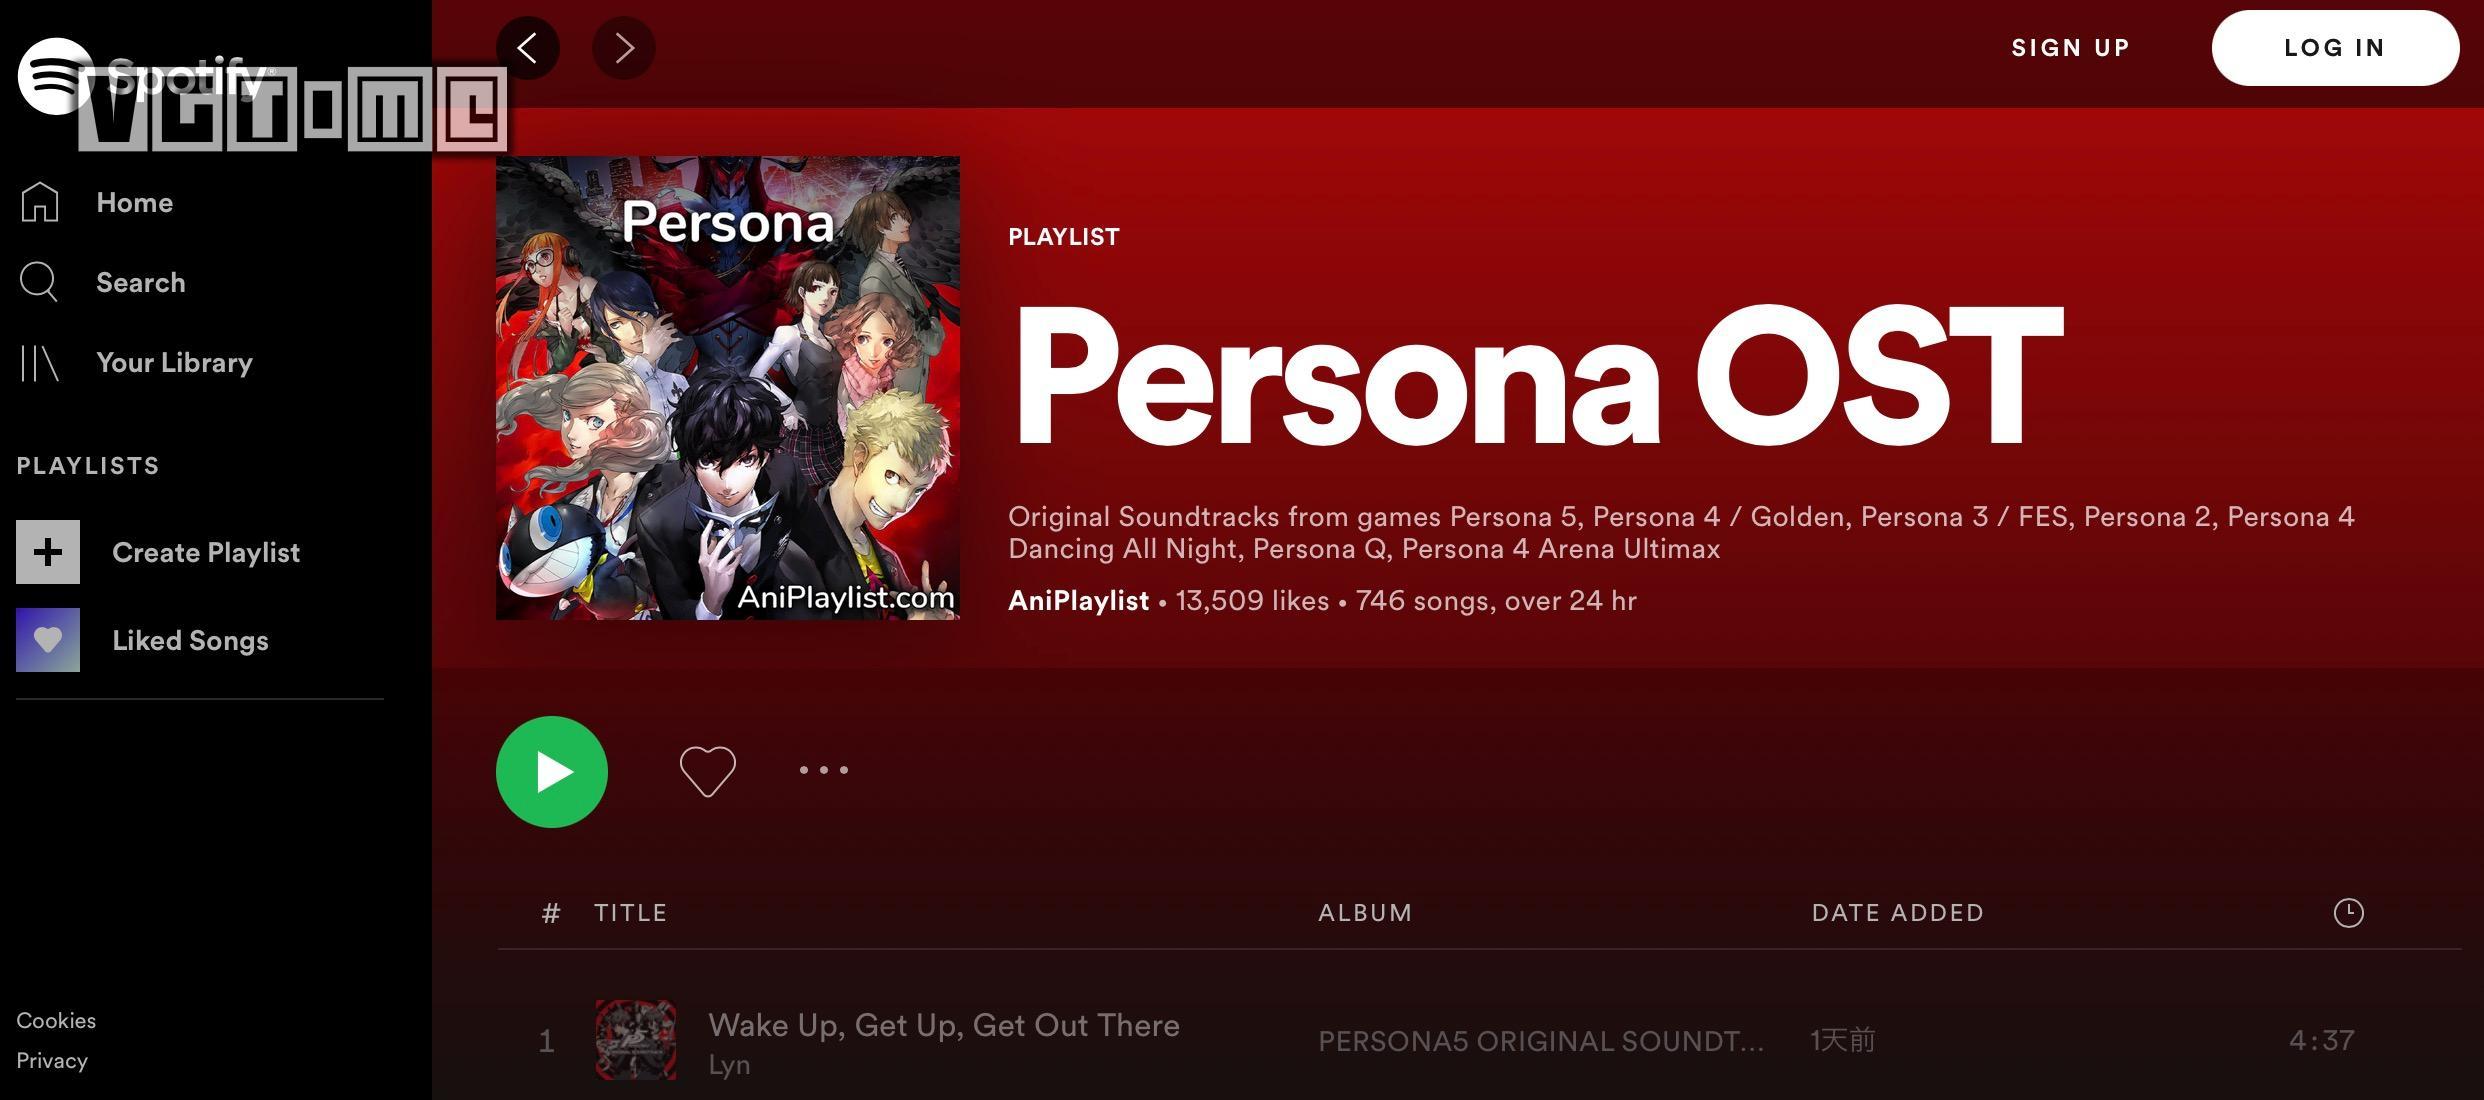 《女神异闻录》原声带现已登陆音乐平台Spotify